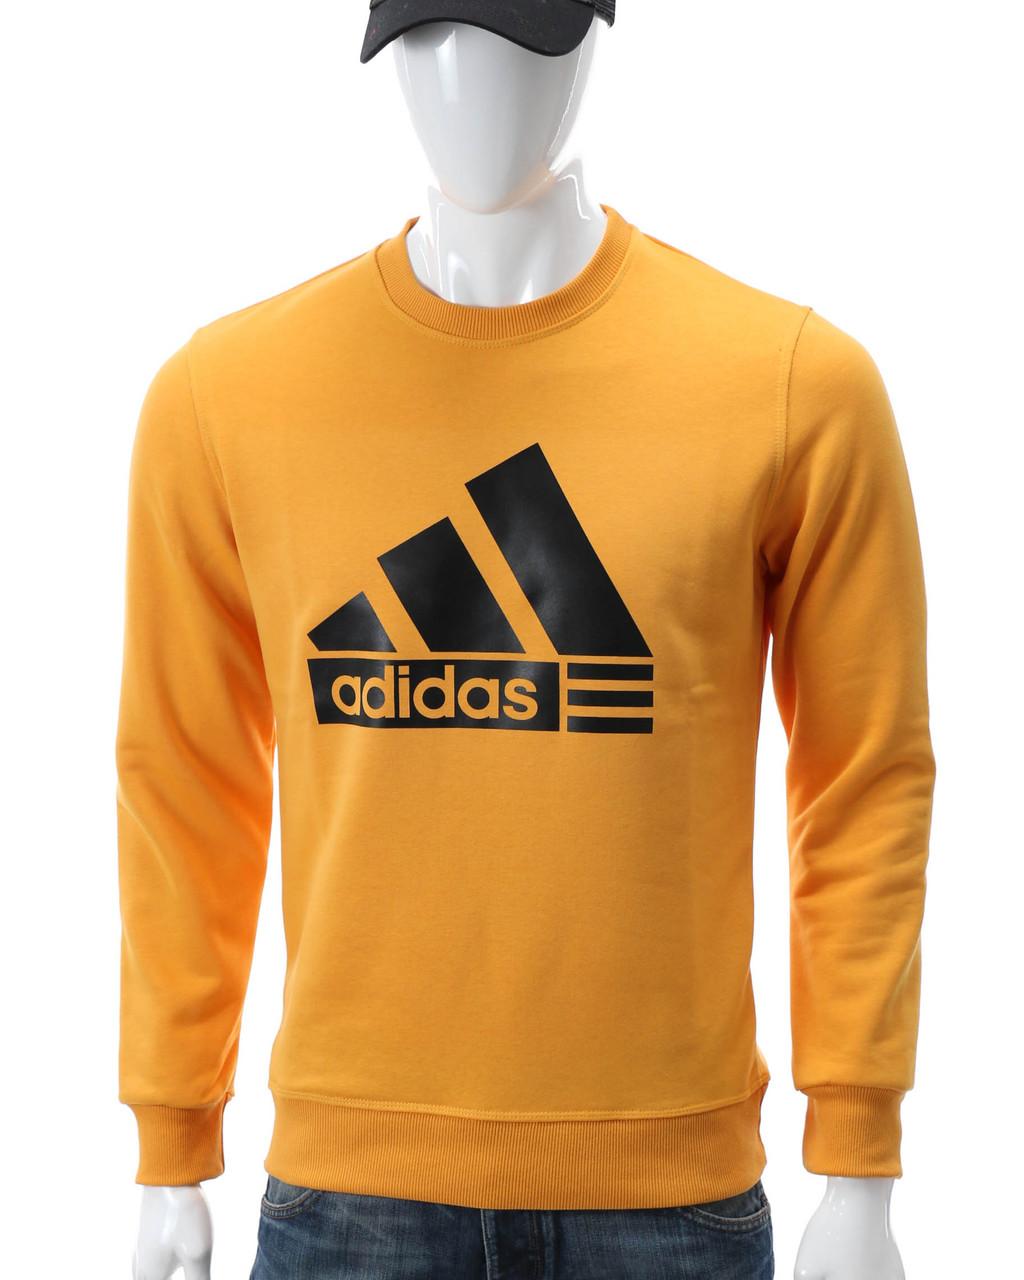 Свитшот желтый ADIDAS с лого YEL L(Р) 20-412-001